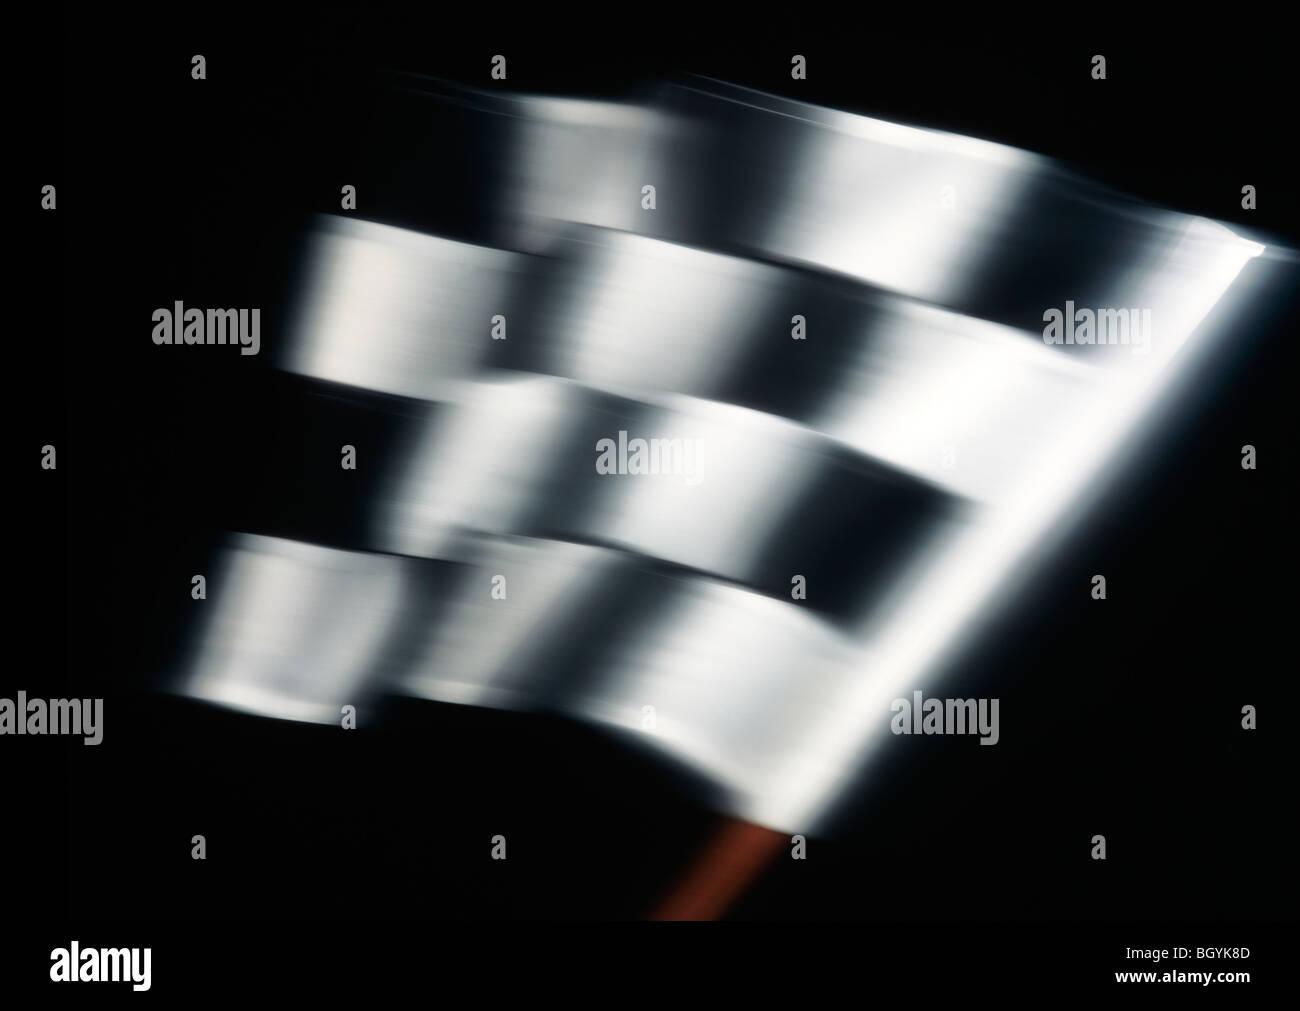 Zielflagge mit Bewegung auf schwarzem Hintergrund Stockbild